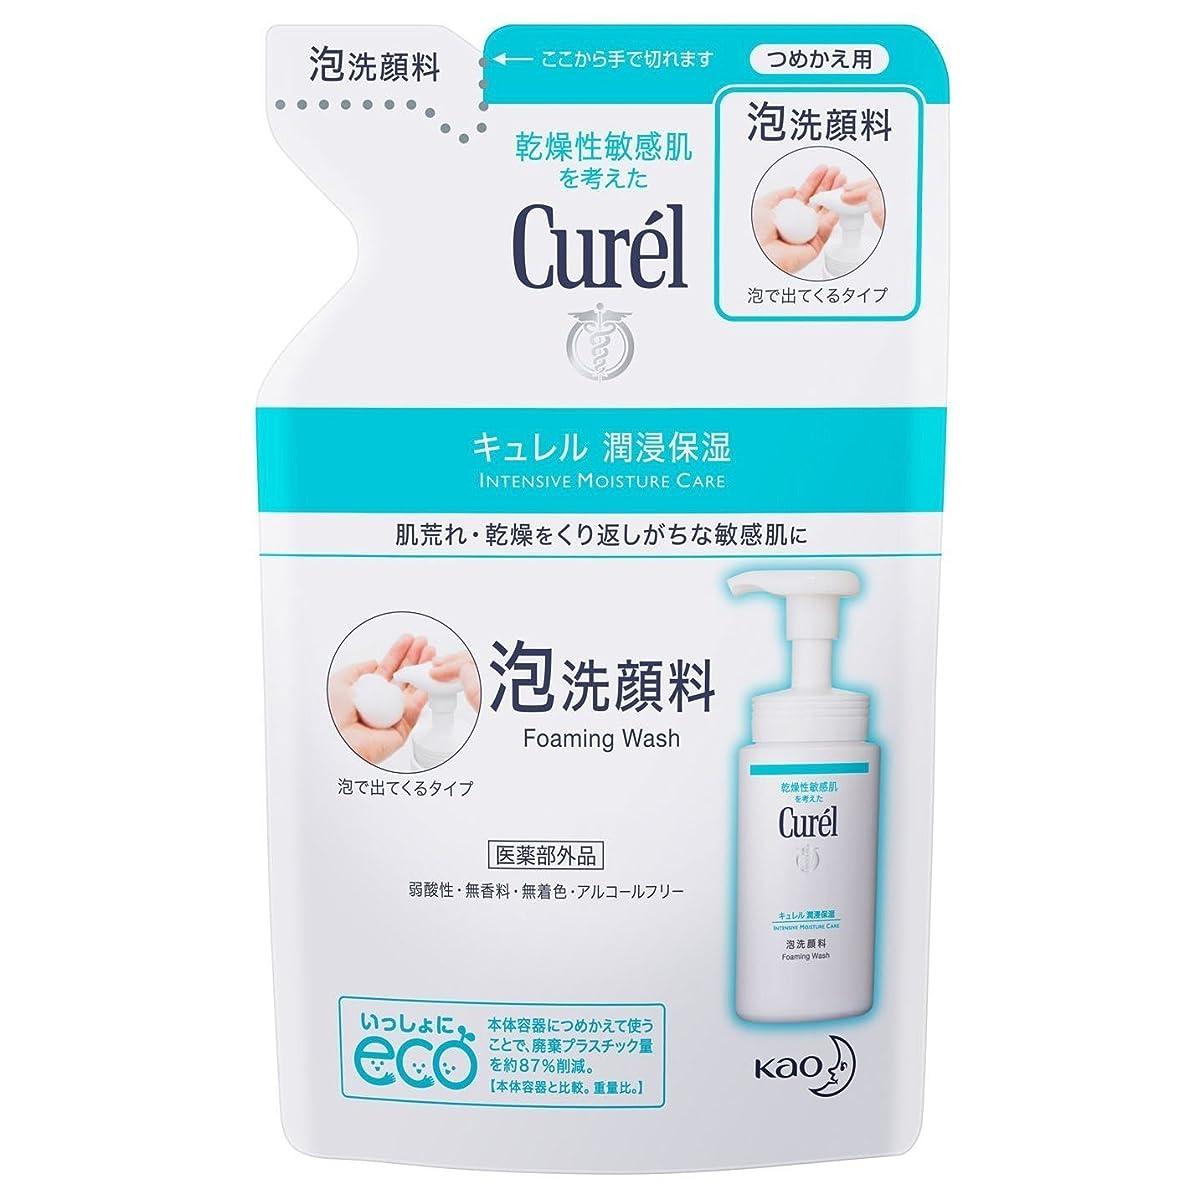 すごい特定の宿泊施設【花王】Curel(キュレル) 泡洗顔料 つめかえ用 130ml ×5個セット